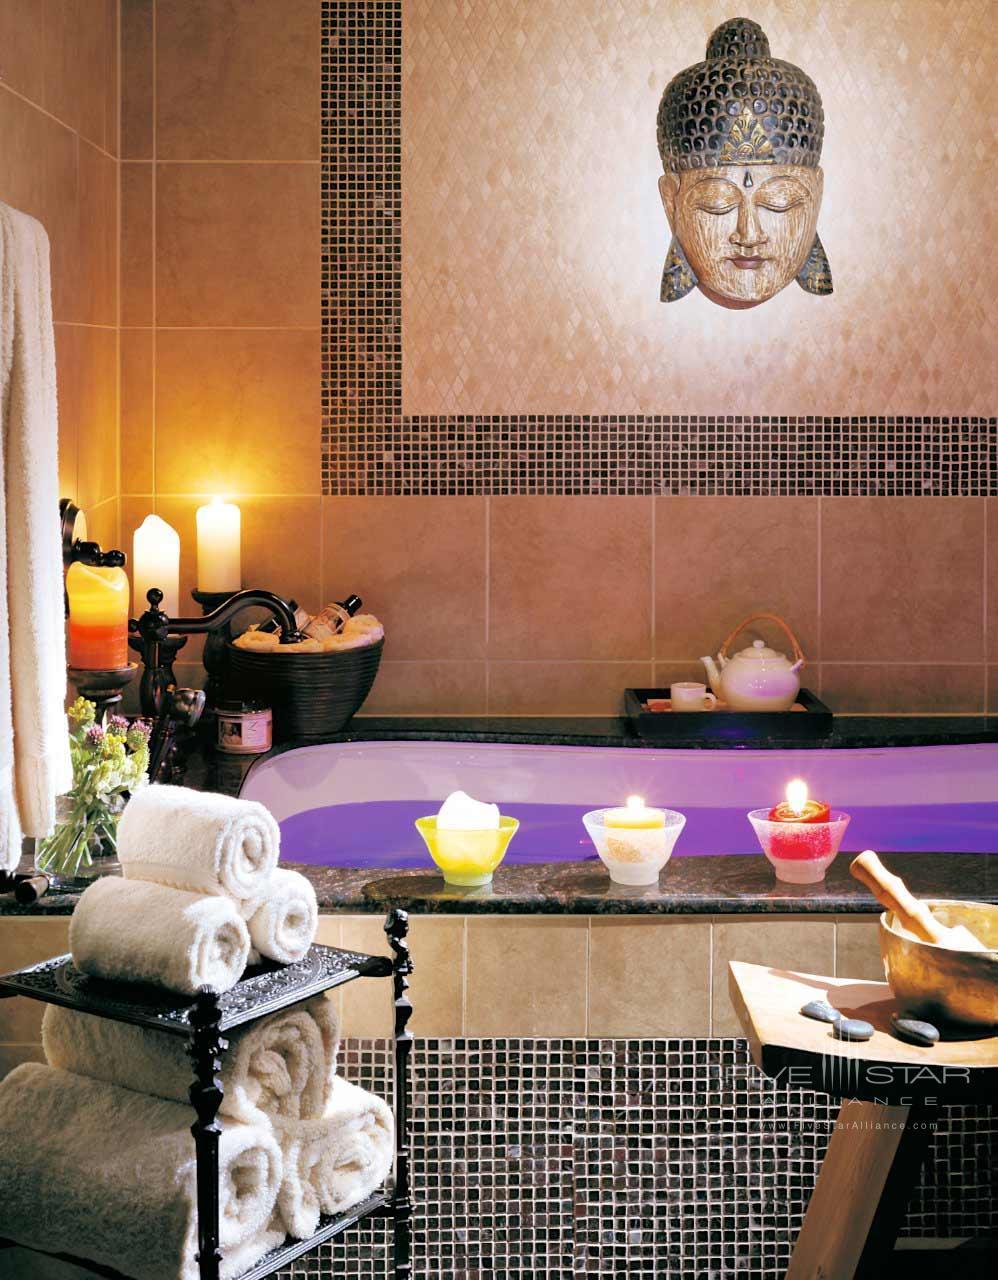 Spa at Hotel Zaza Dallas, Texas